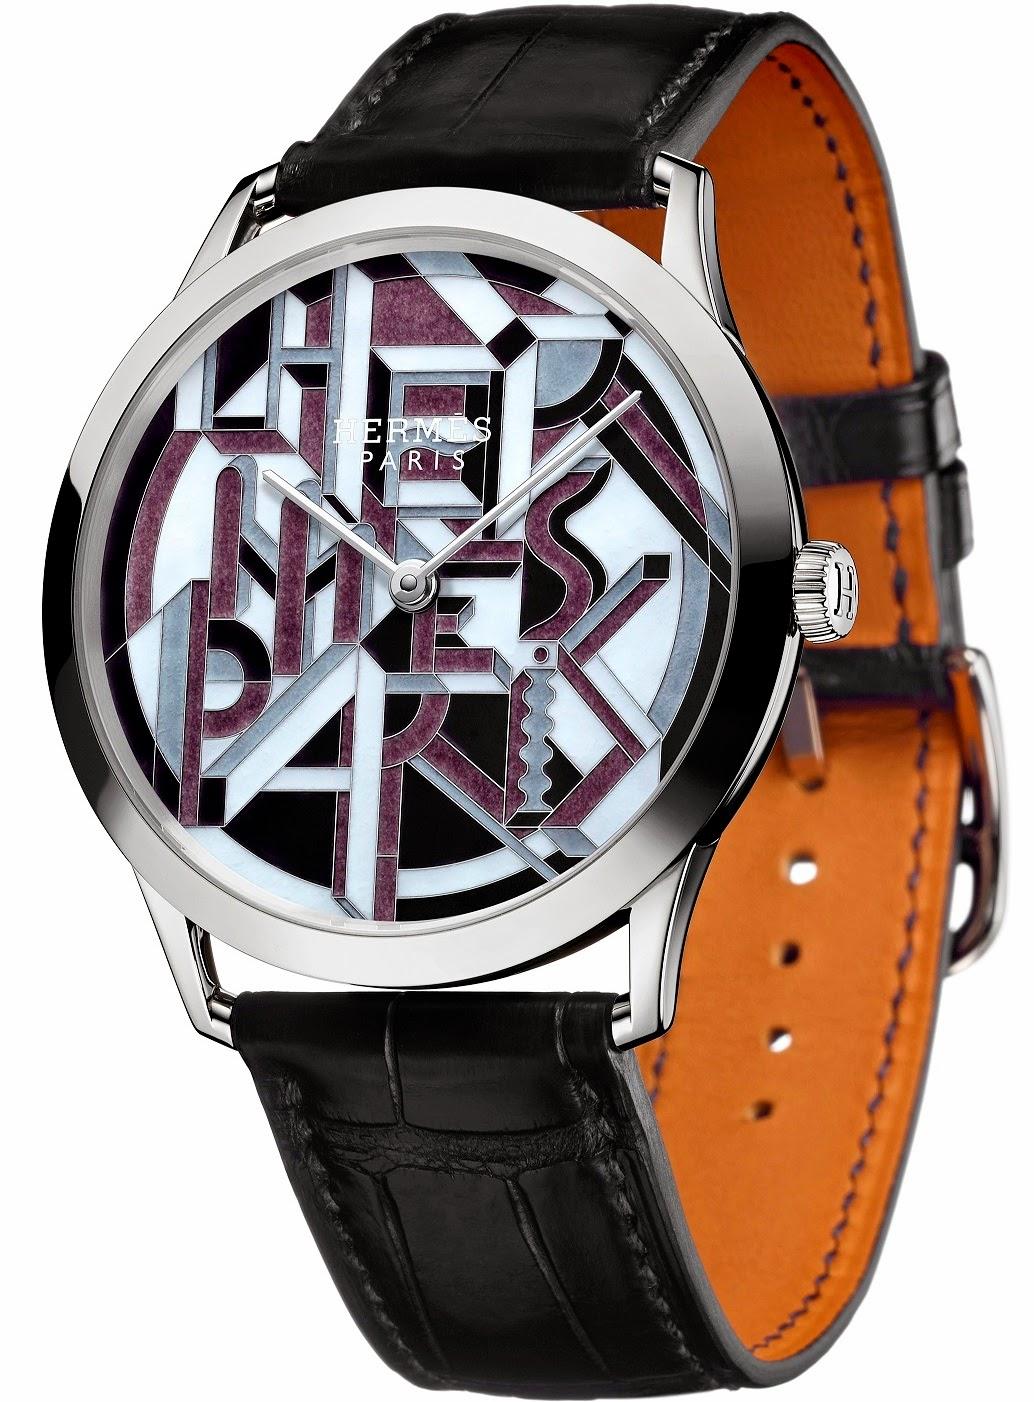 Hermès - Slim d'Hermès Perspective Cavalière automatic watch